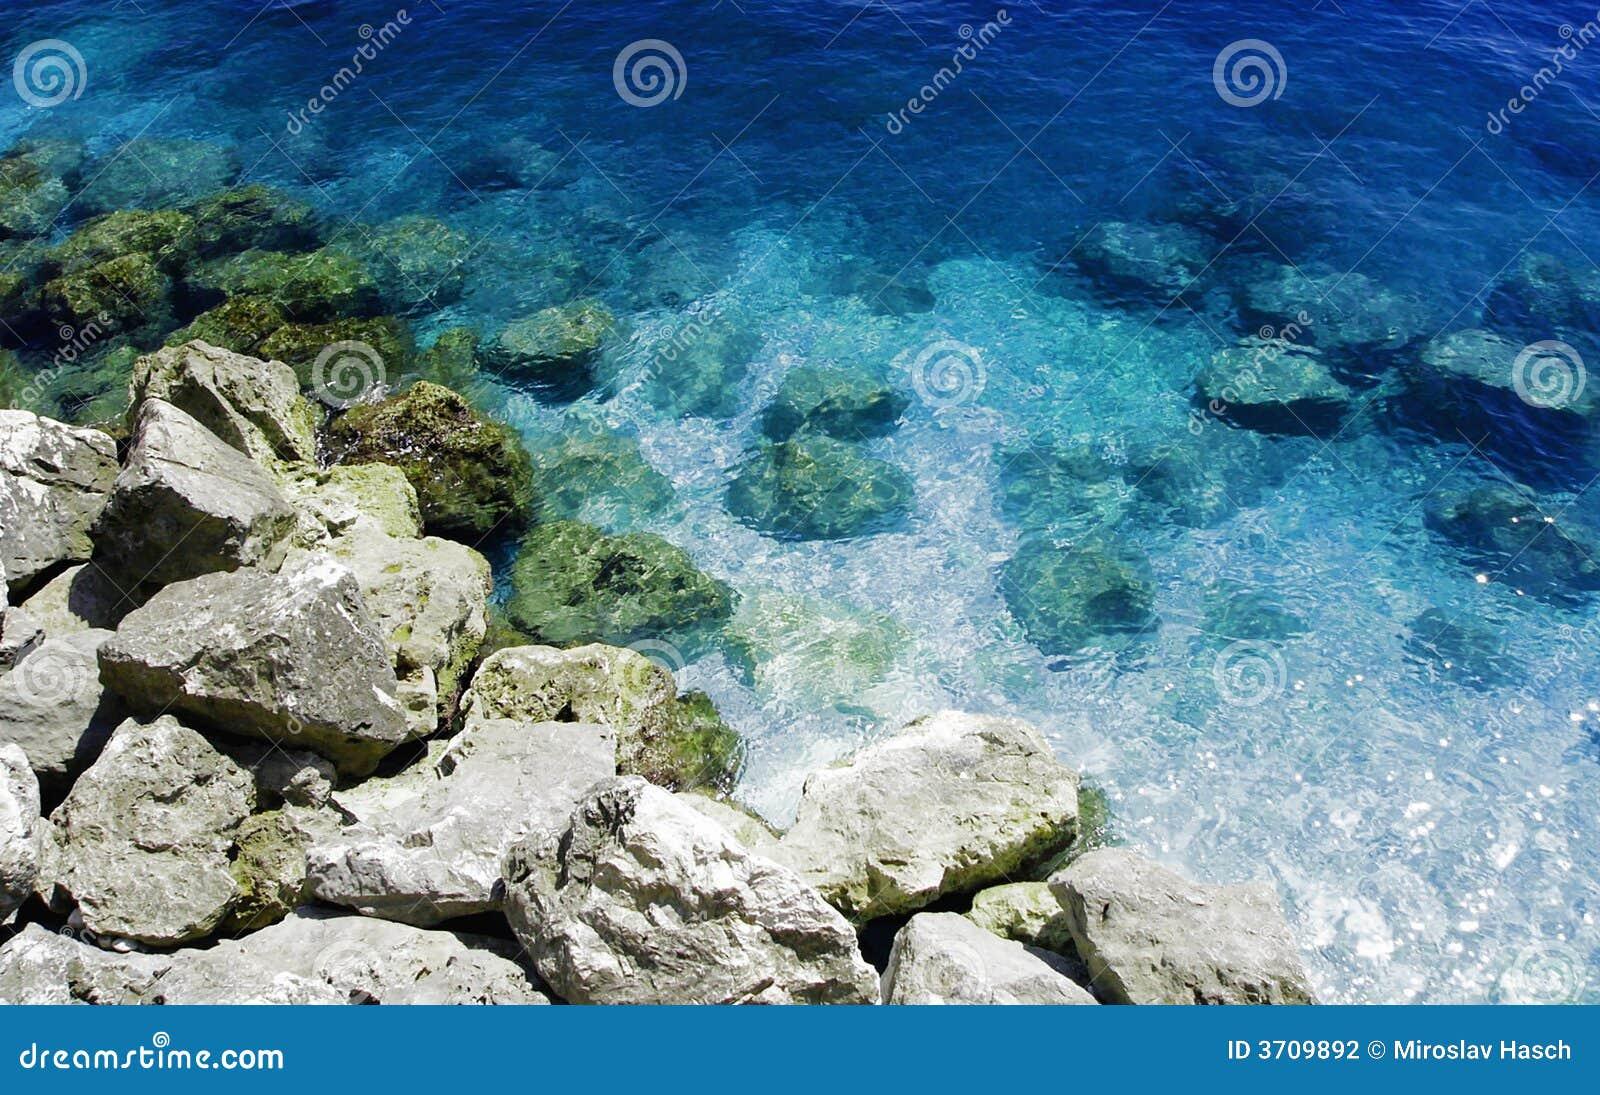 Coast of the sea